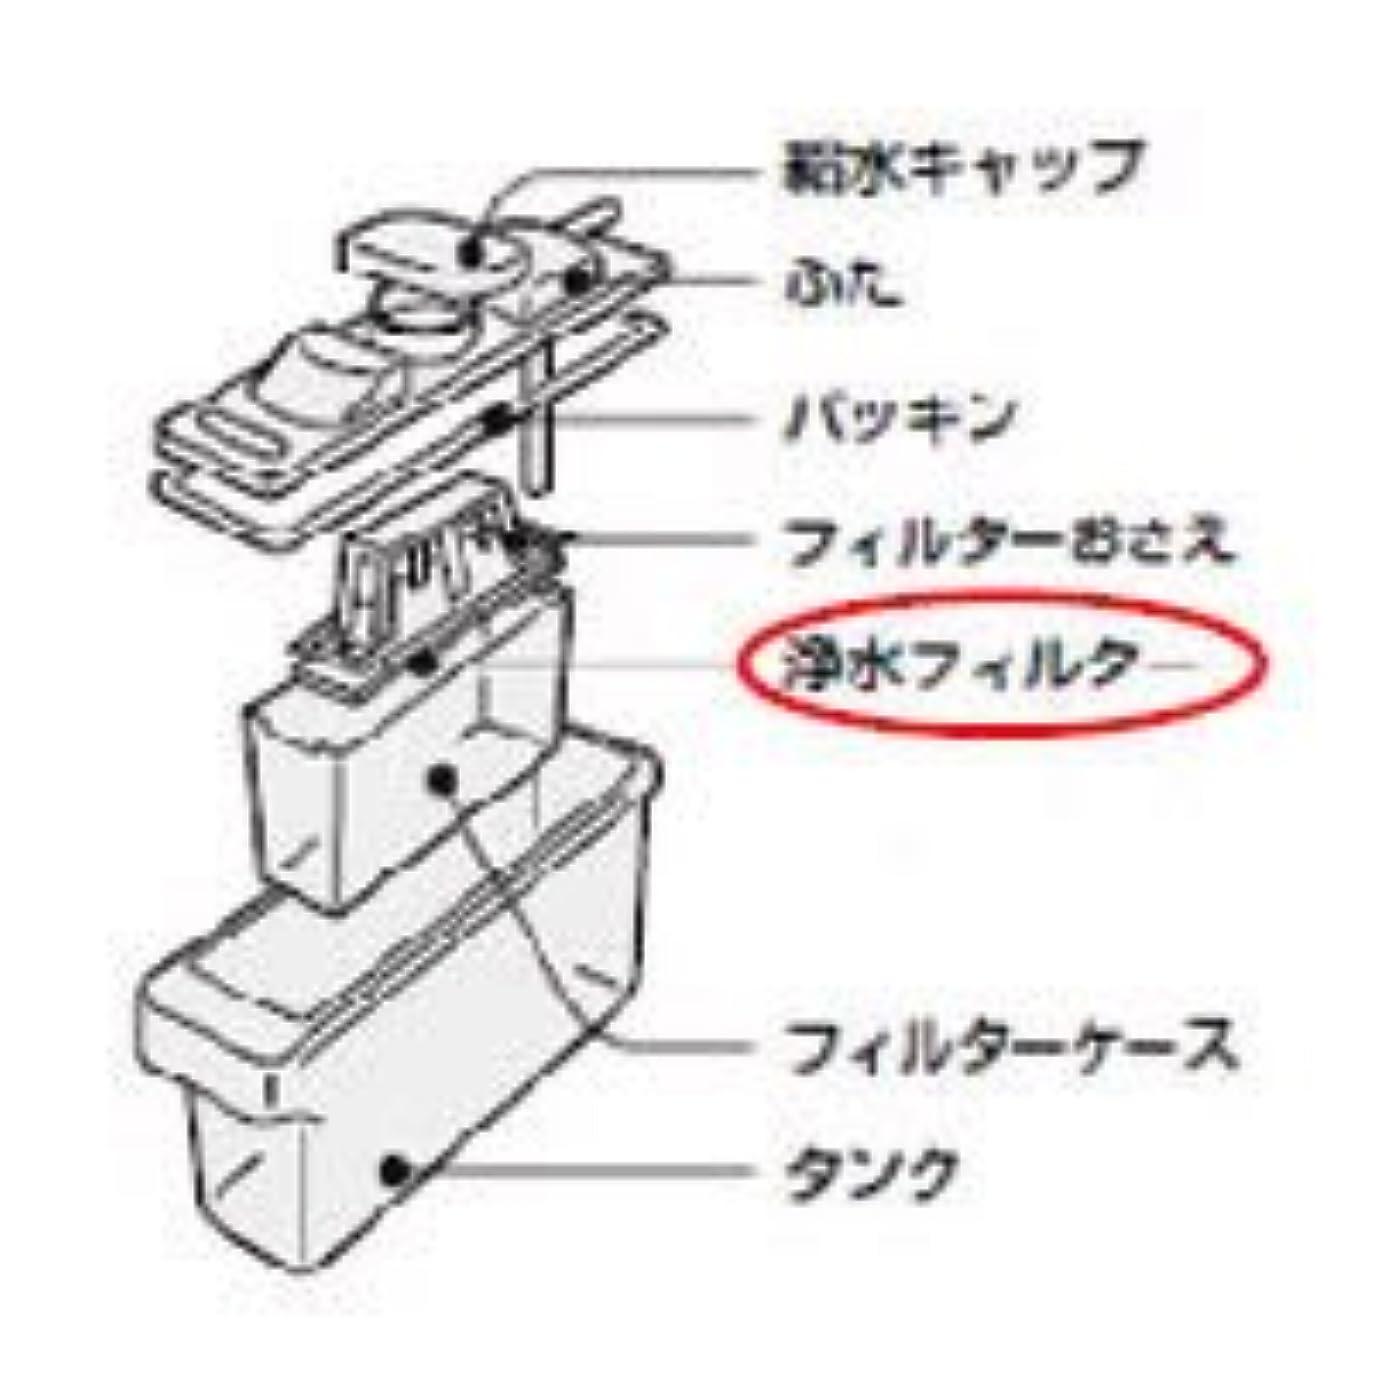 イソギンチャク構造的不合格Panasonic 冷蔵庫用浄水フィルター CNRMJ-107220